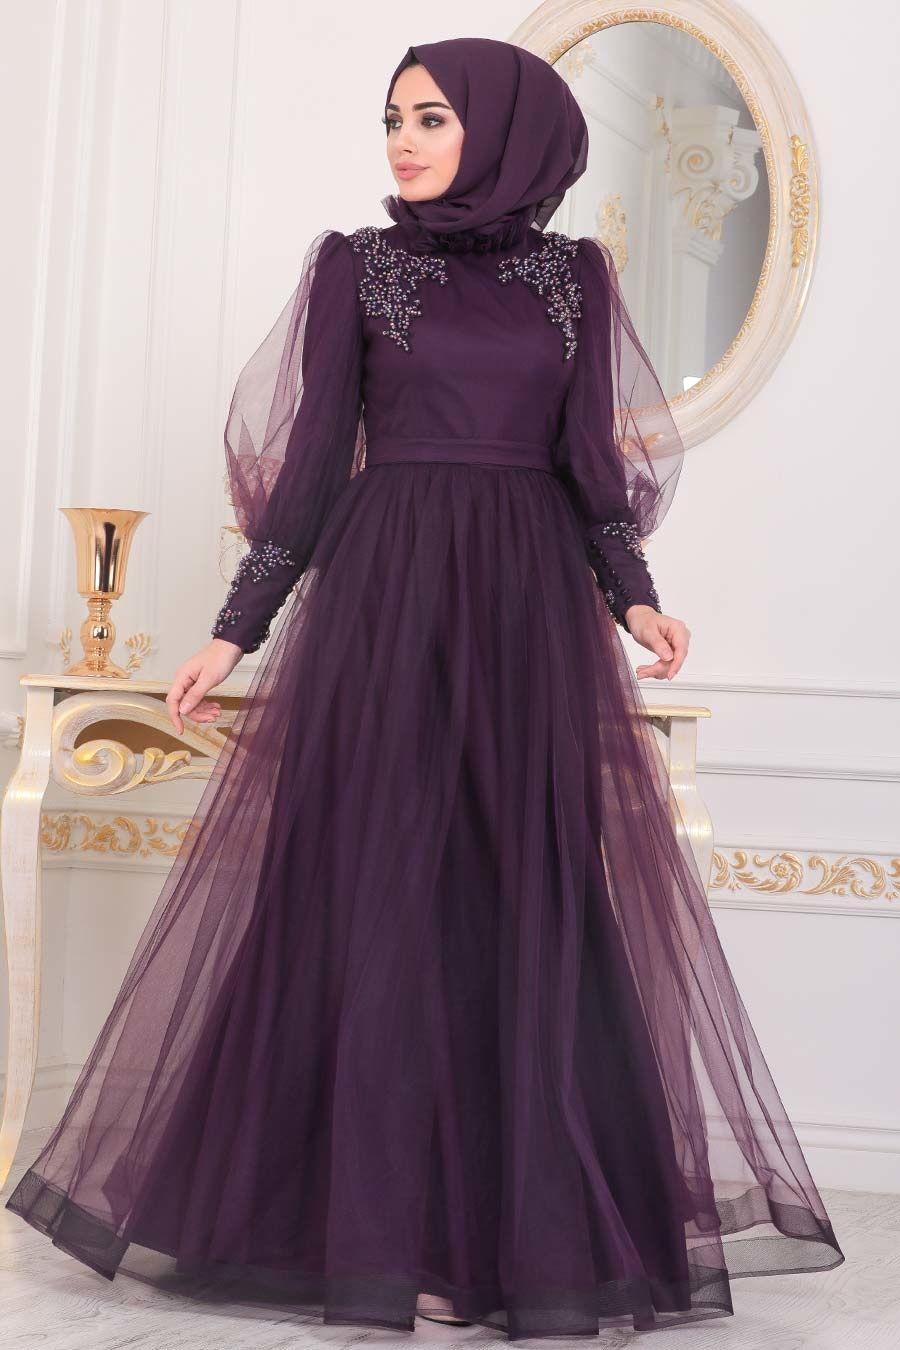 2019 Yeni Sezon Tesettur Giyim Elbise Sal Abiye De Ucuz Fiyat 2020 The Dress Giyim Aksamustu Giysileri